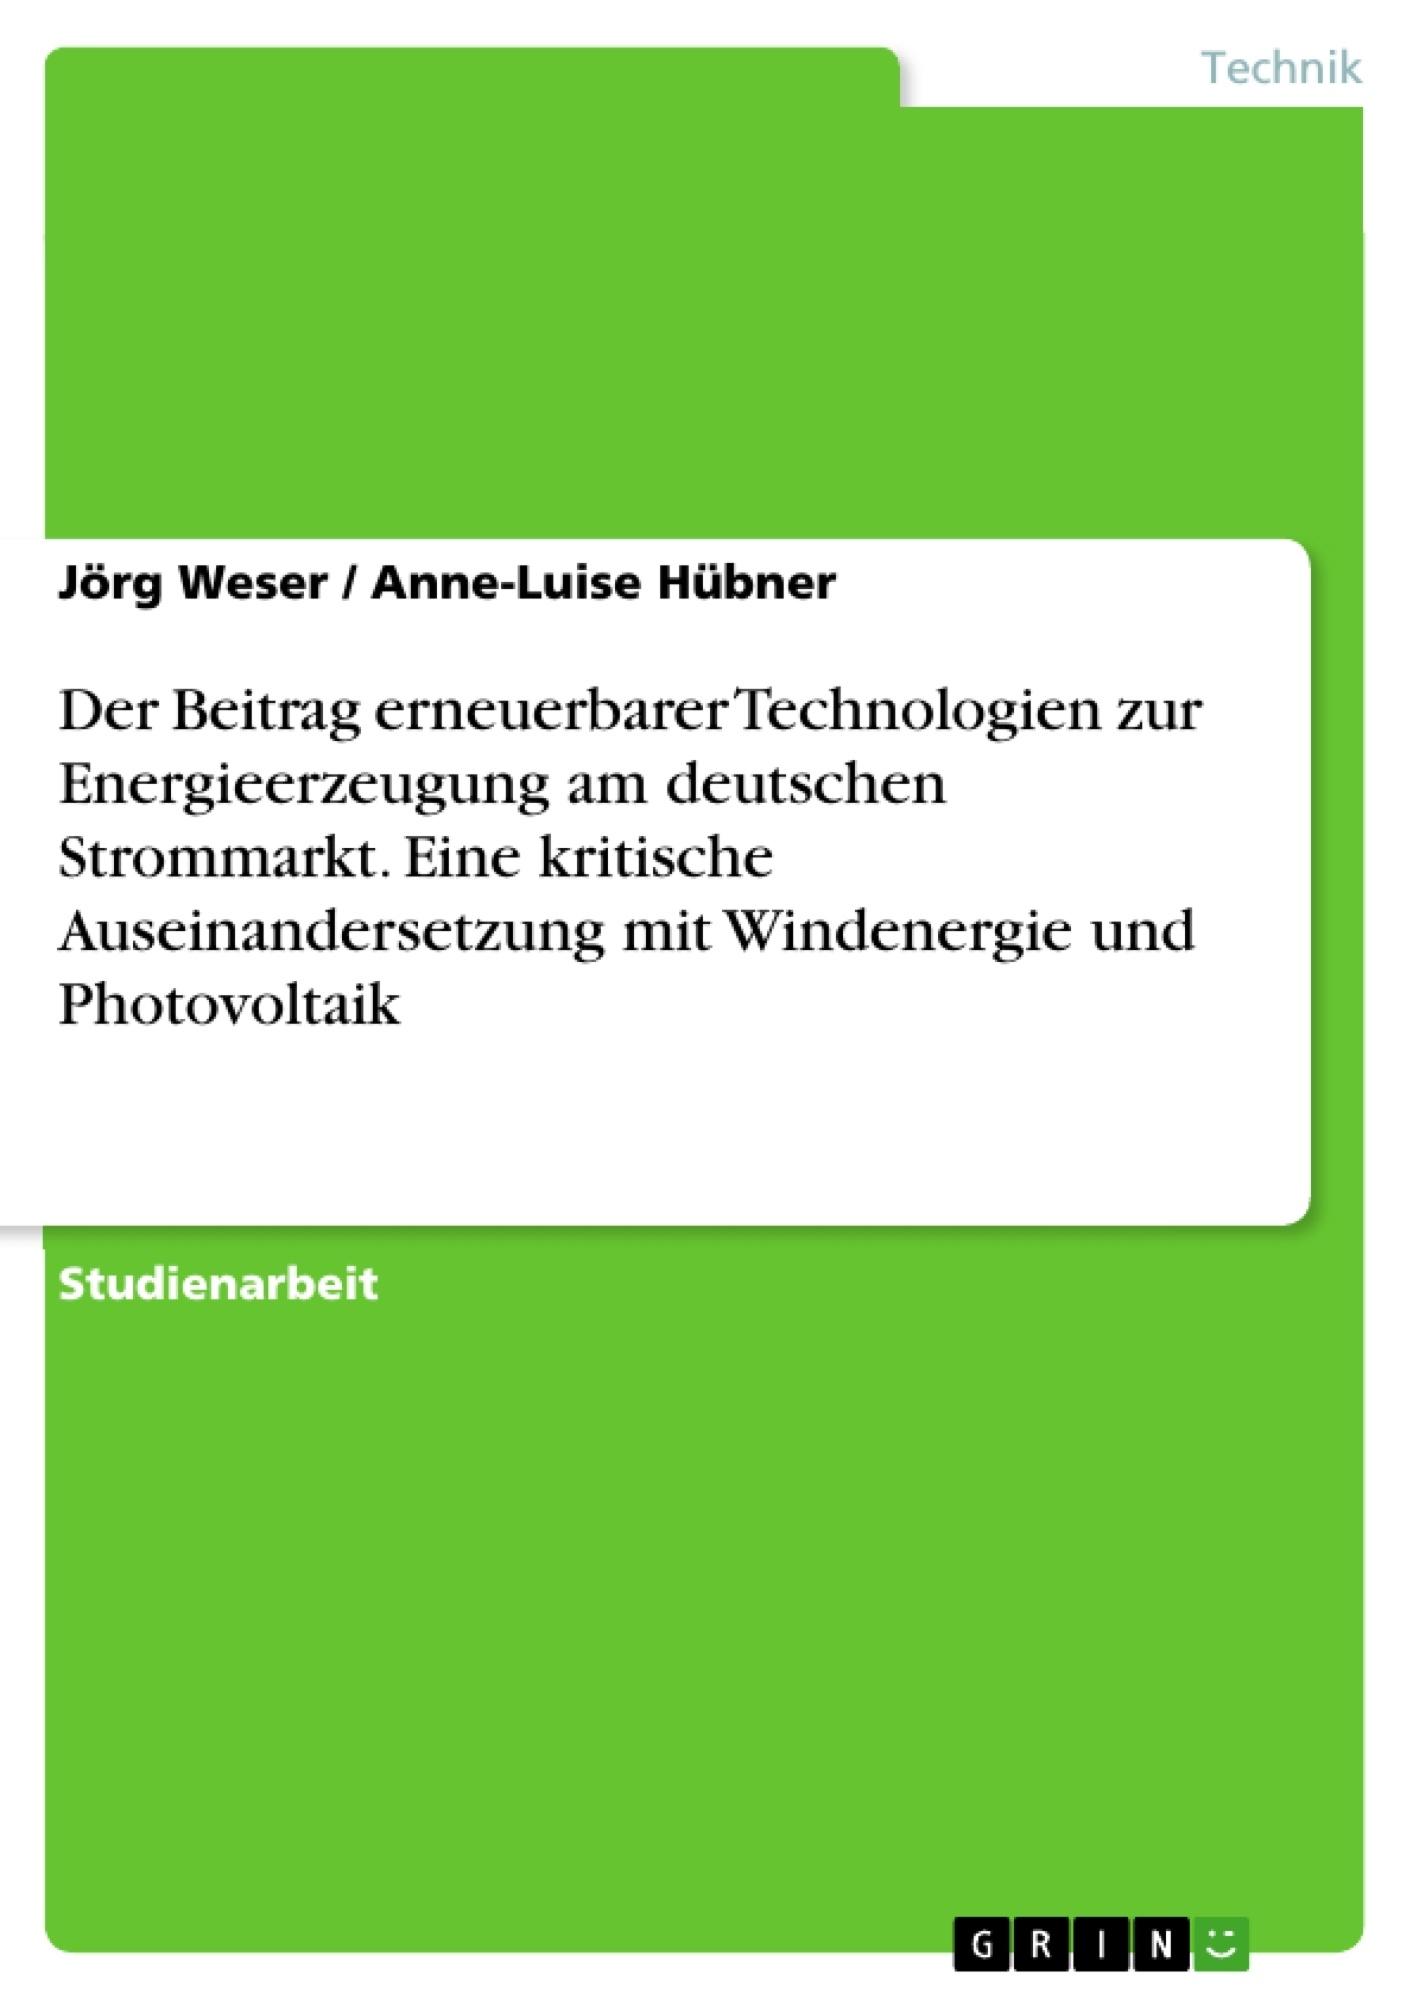 Titel: Der Beitrag erneuerbarer Technologien zur Energieerzeugung am deutschen Strommarkt. Eine kritische Auseinandersetzung mit Windenergie und Photovoltaik